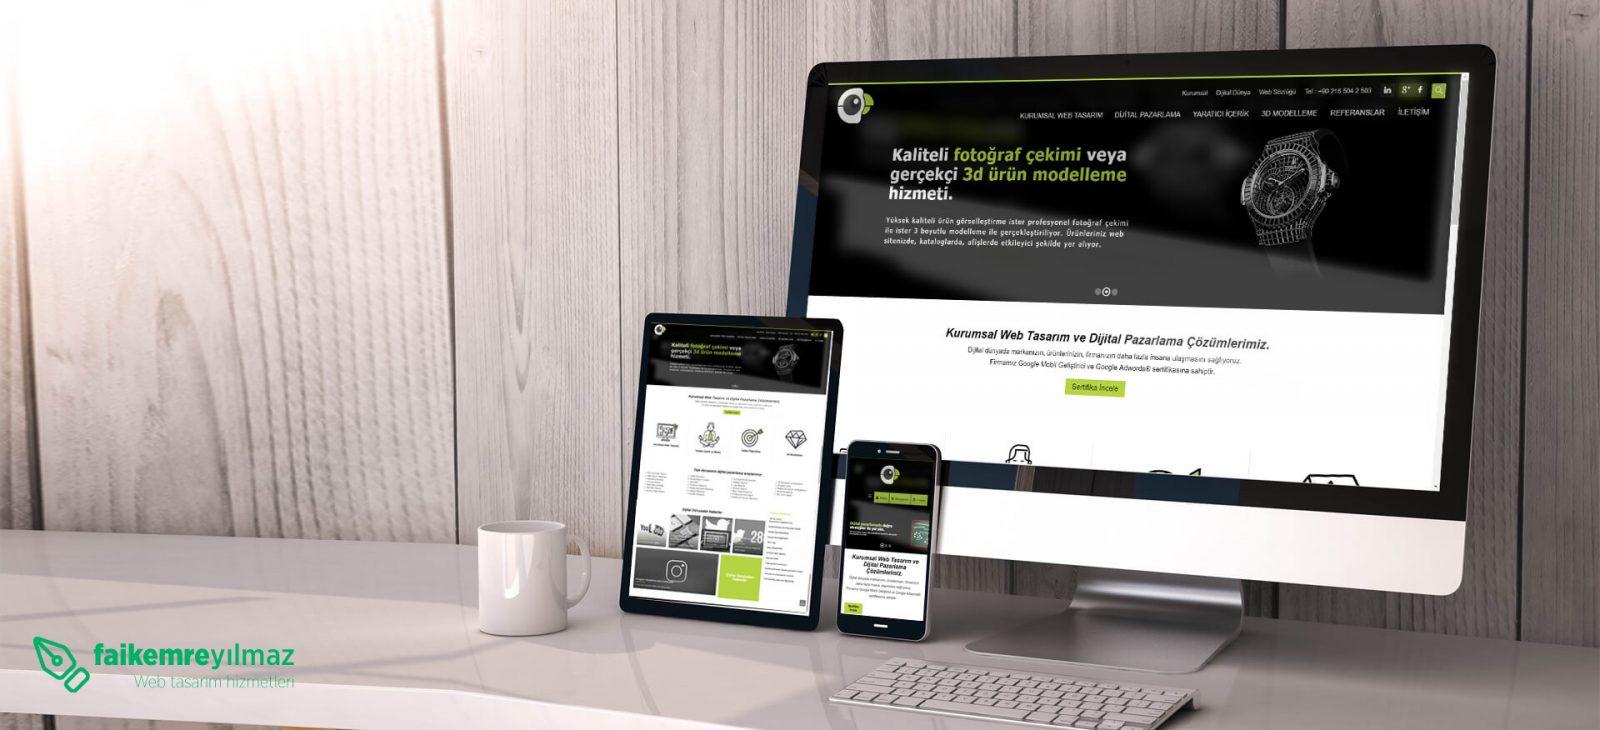 osmaniye-web-tasarim-faikemreyilmazcomtr